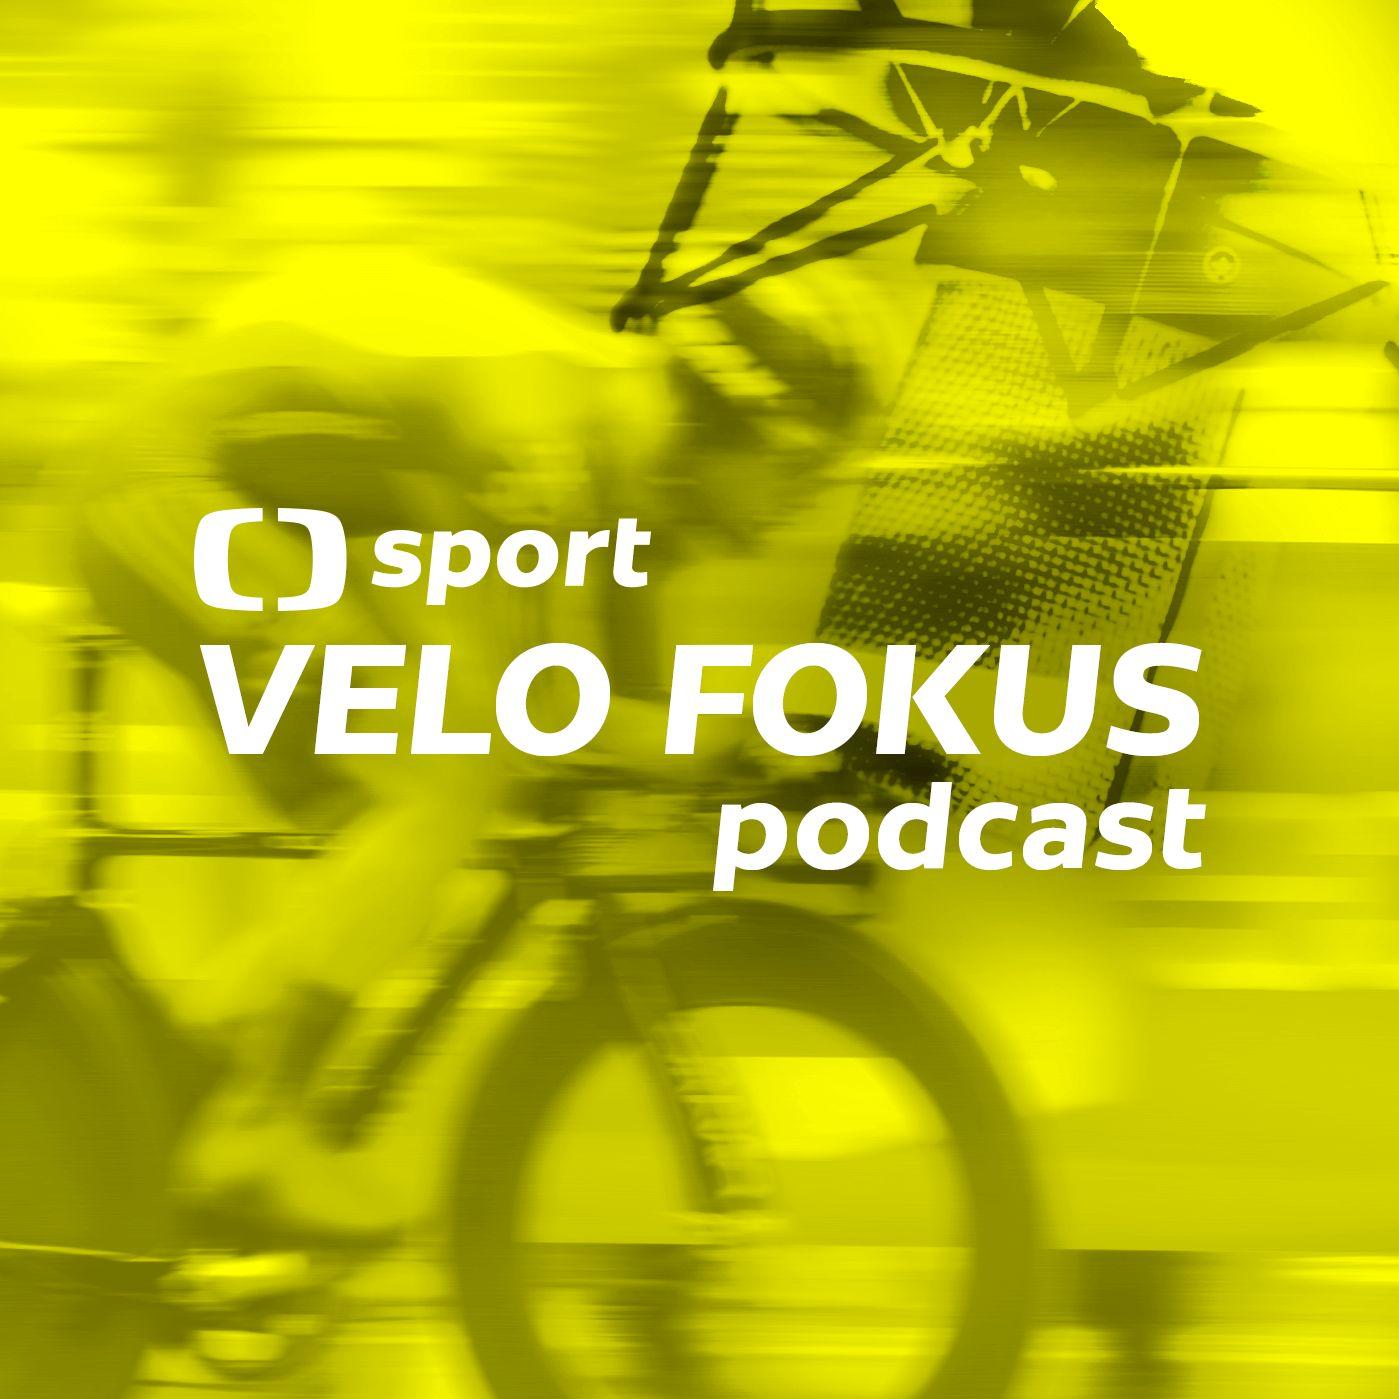 Velo fokus podcast: Co čeká na cyklisty na MS v norském Bergenu?